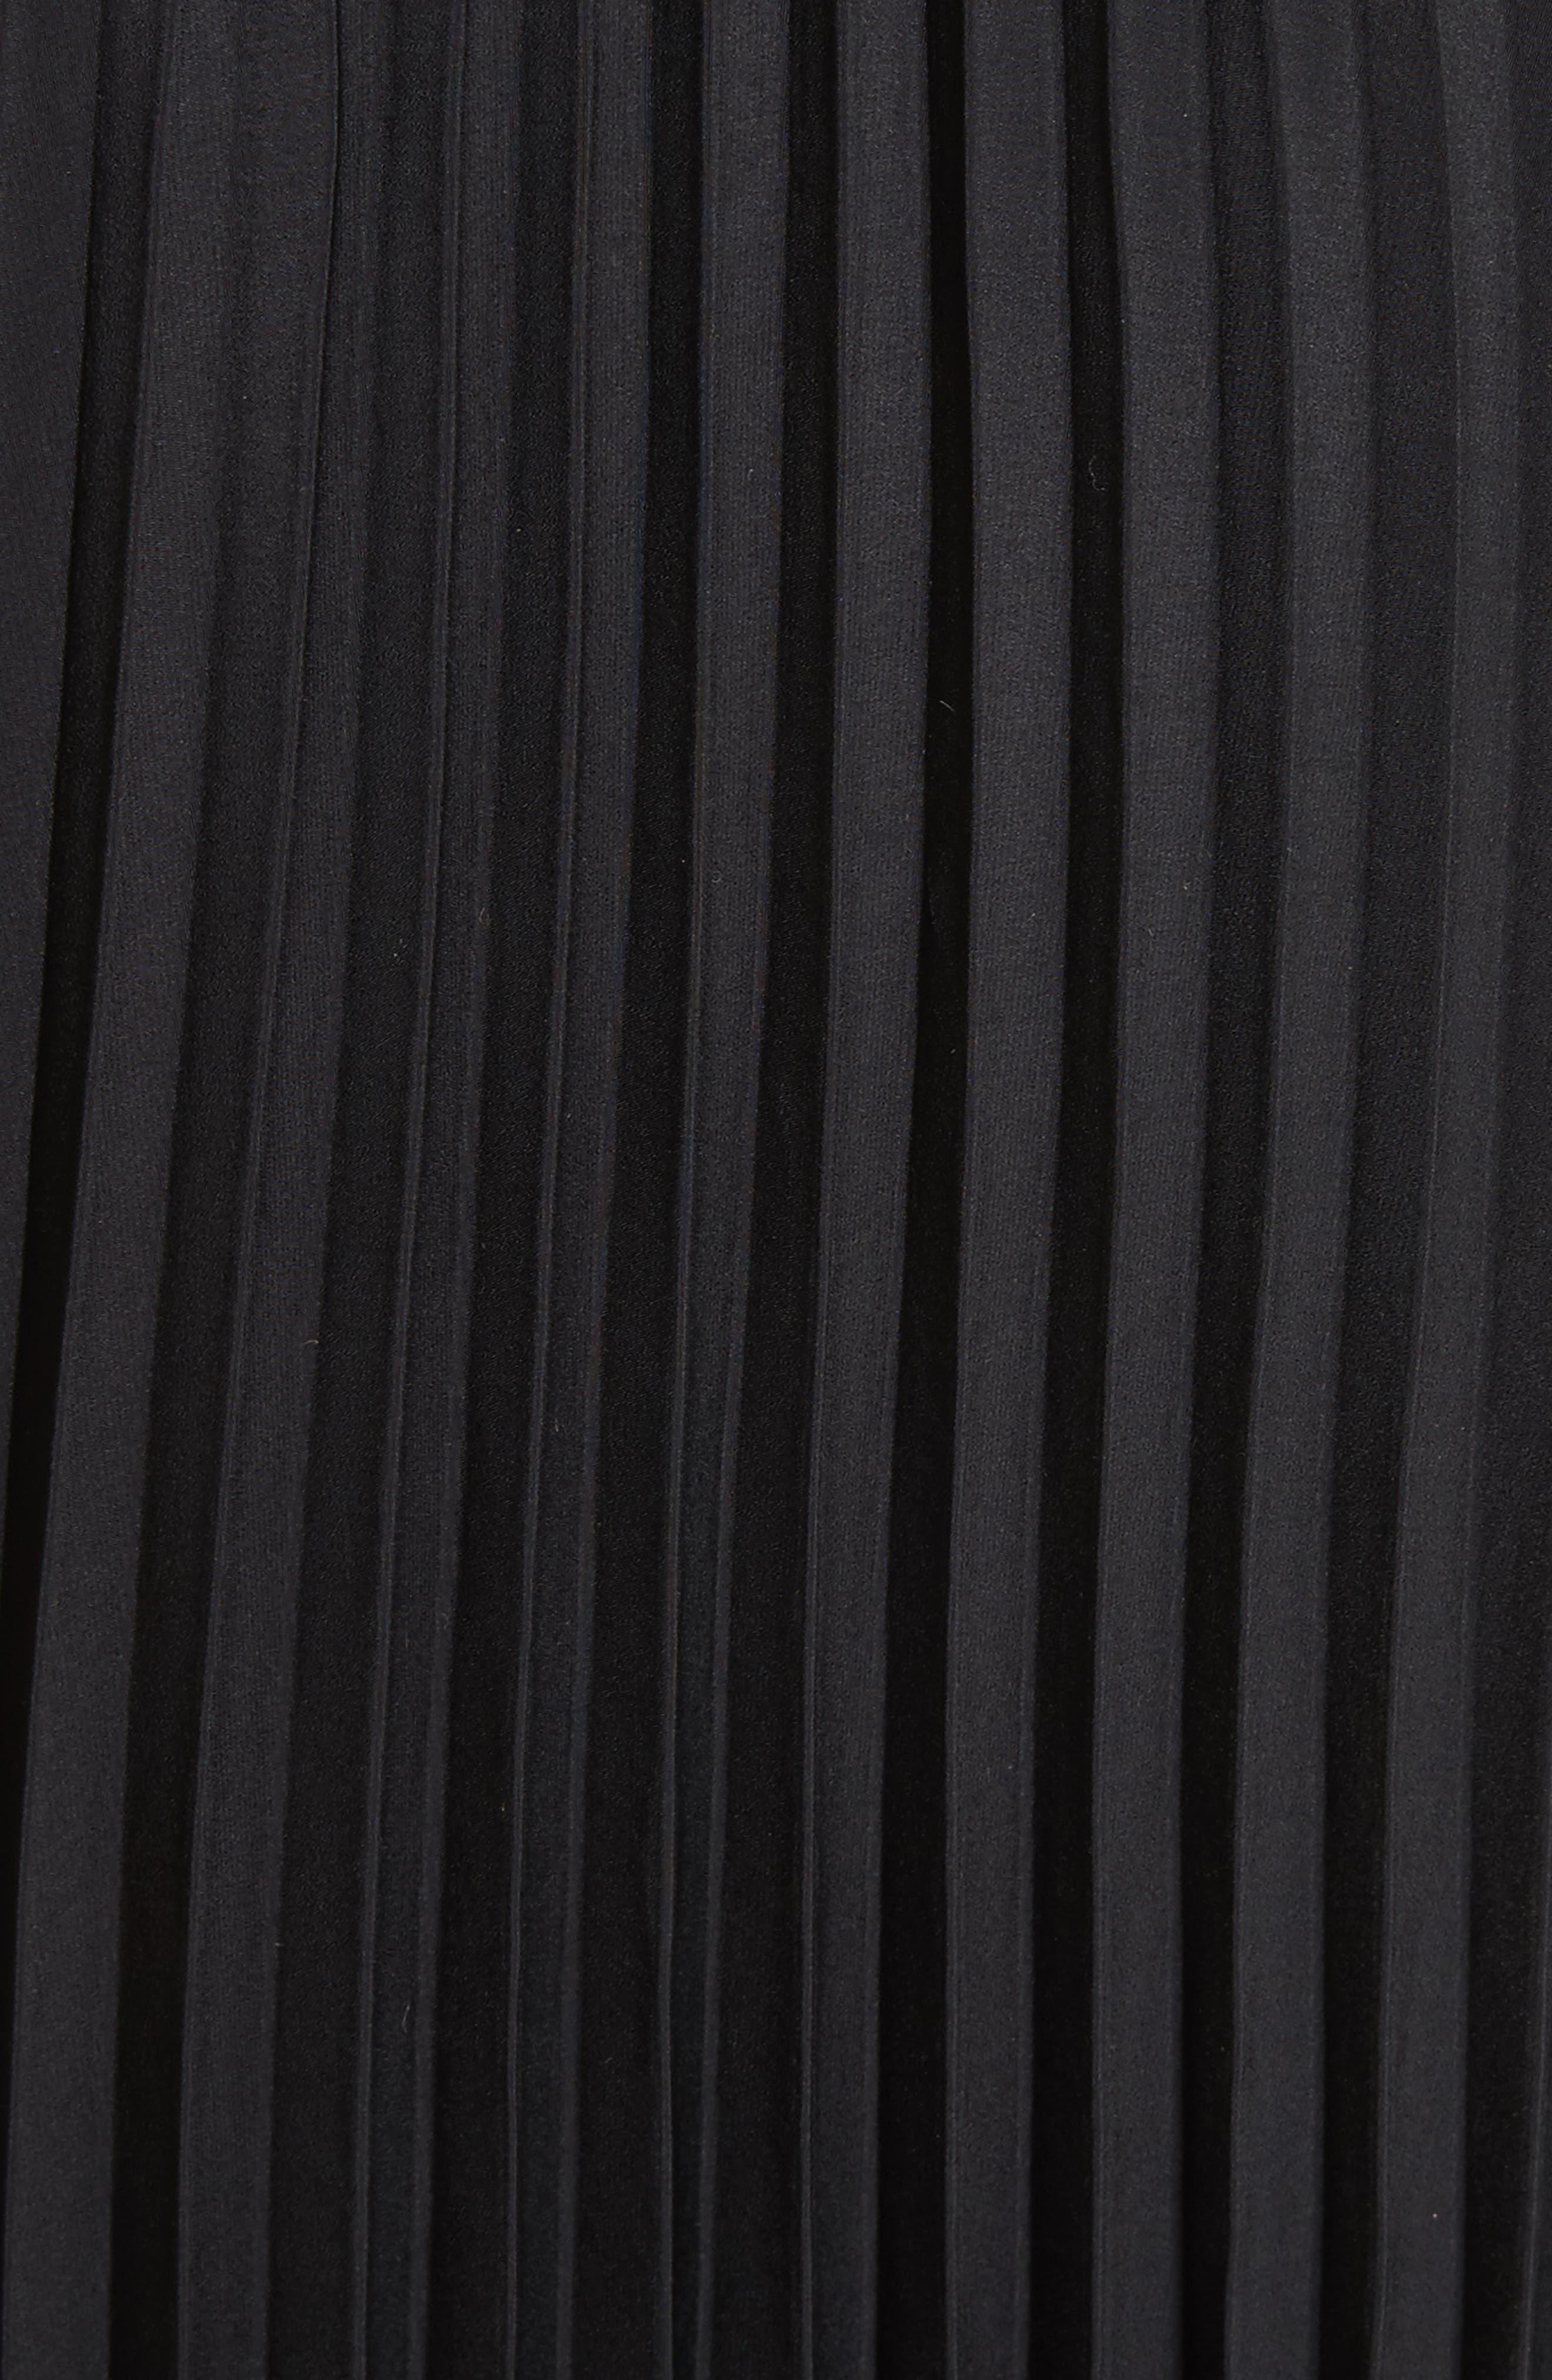 Anika Leather Trim Pleated Midi Skirt,                             Alternate thumbnail 6, color,                             Black